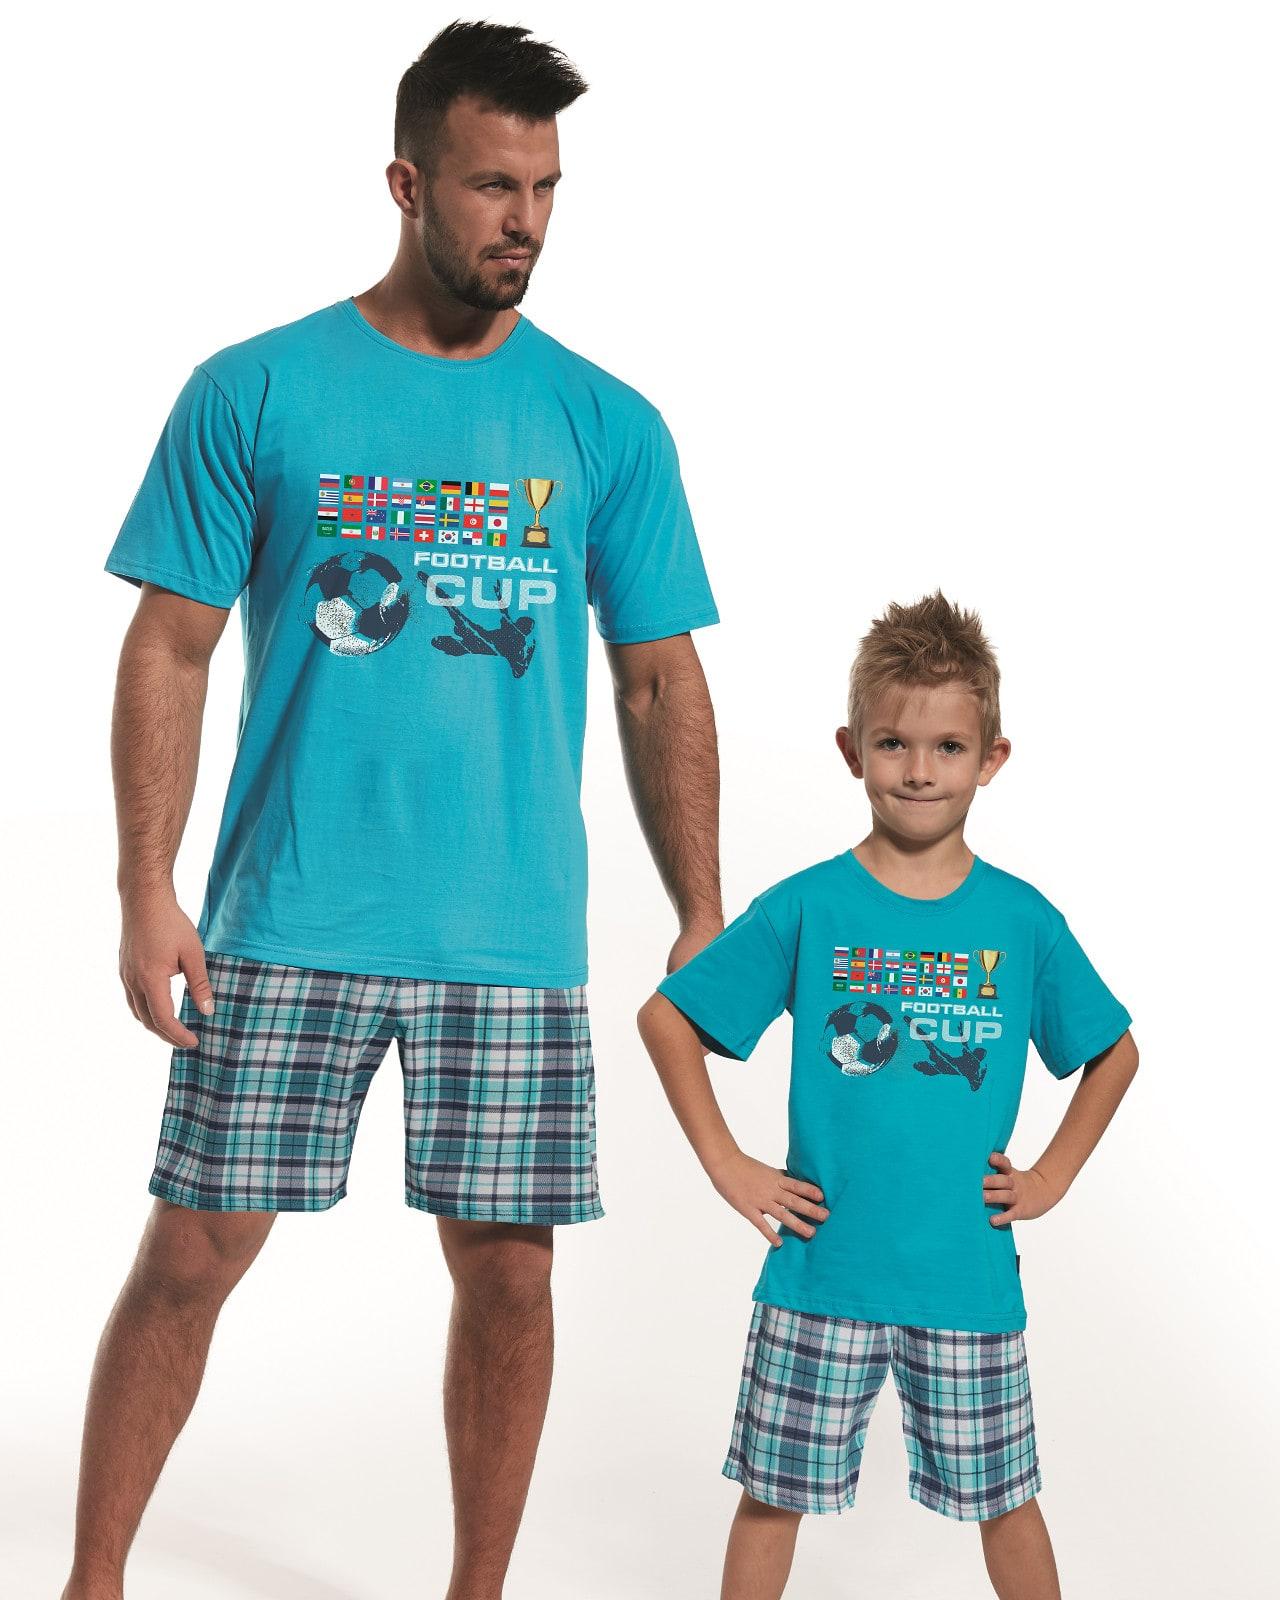 Пижамы на тему чемпионата мира по футболу